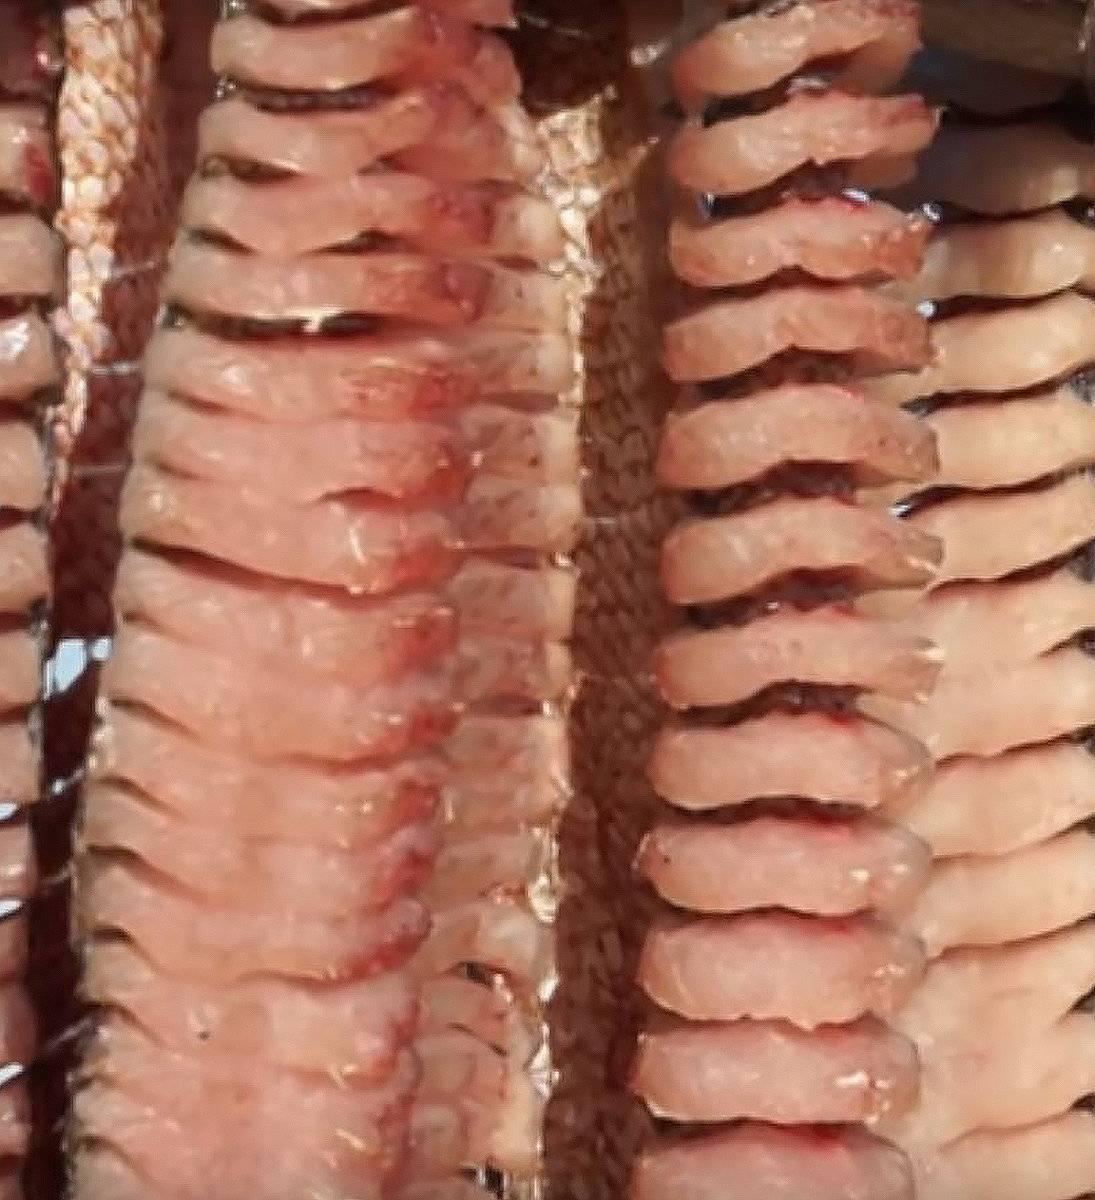 Классический рецепт юколы из щуки, валеная юкола из щуки с солью и пряностями